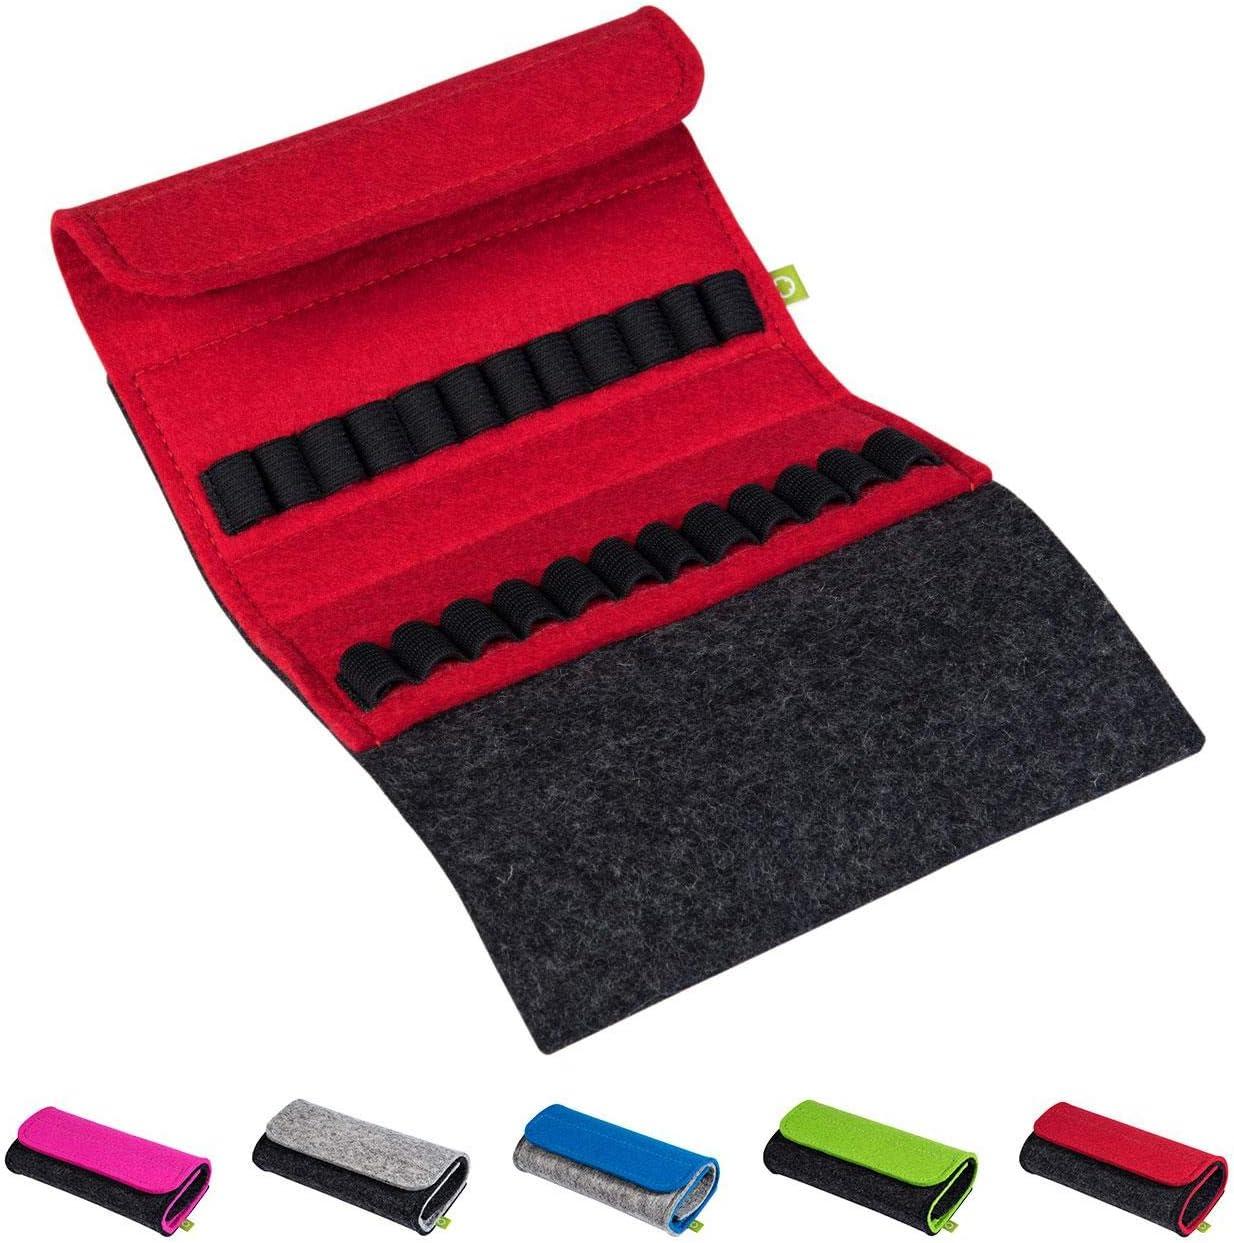 Homöopathische Taschenapotheke Für Globuli Leer Globuli Tasche Für 24 Globuli Röhrchen Glas Handgemacht Aus Echtem Filz Rot Drogerie Körperpflege